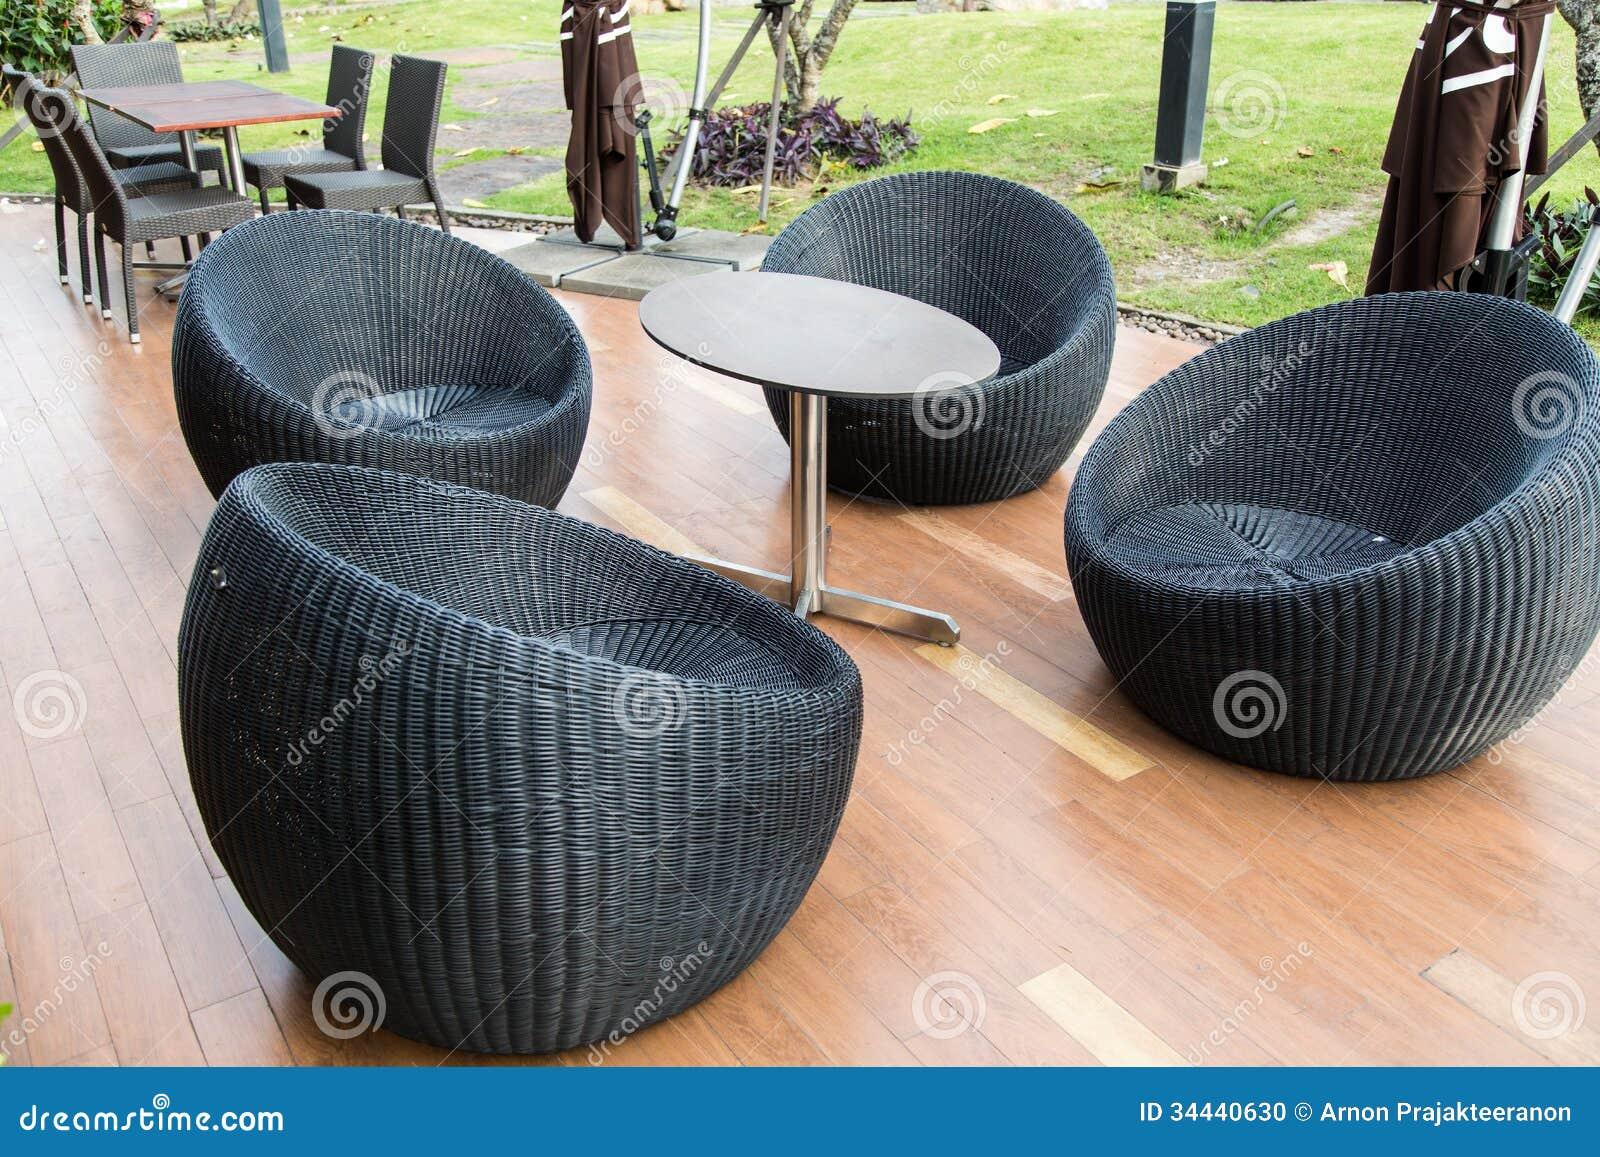 Zwarte Rieten Stoel : Zwarte rieten comfortabele stoel stock foto afbeelding bestaande